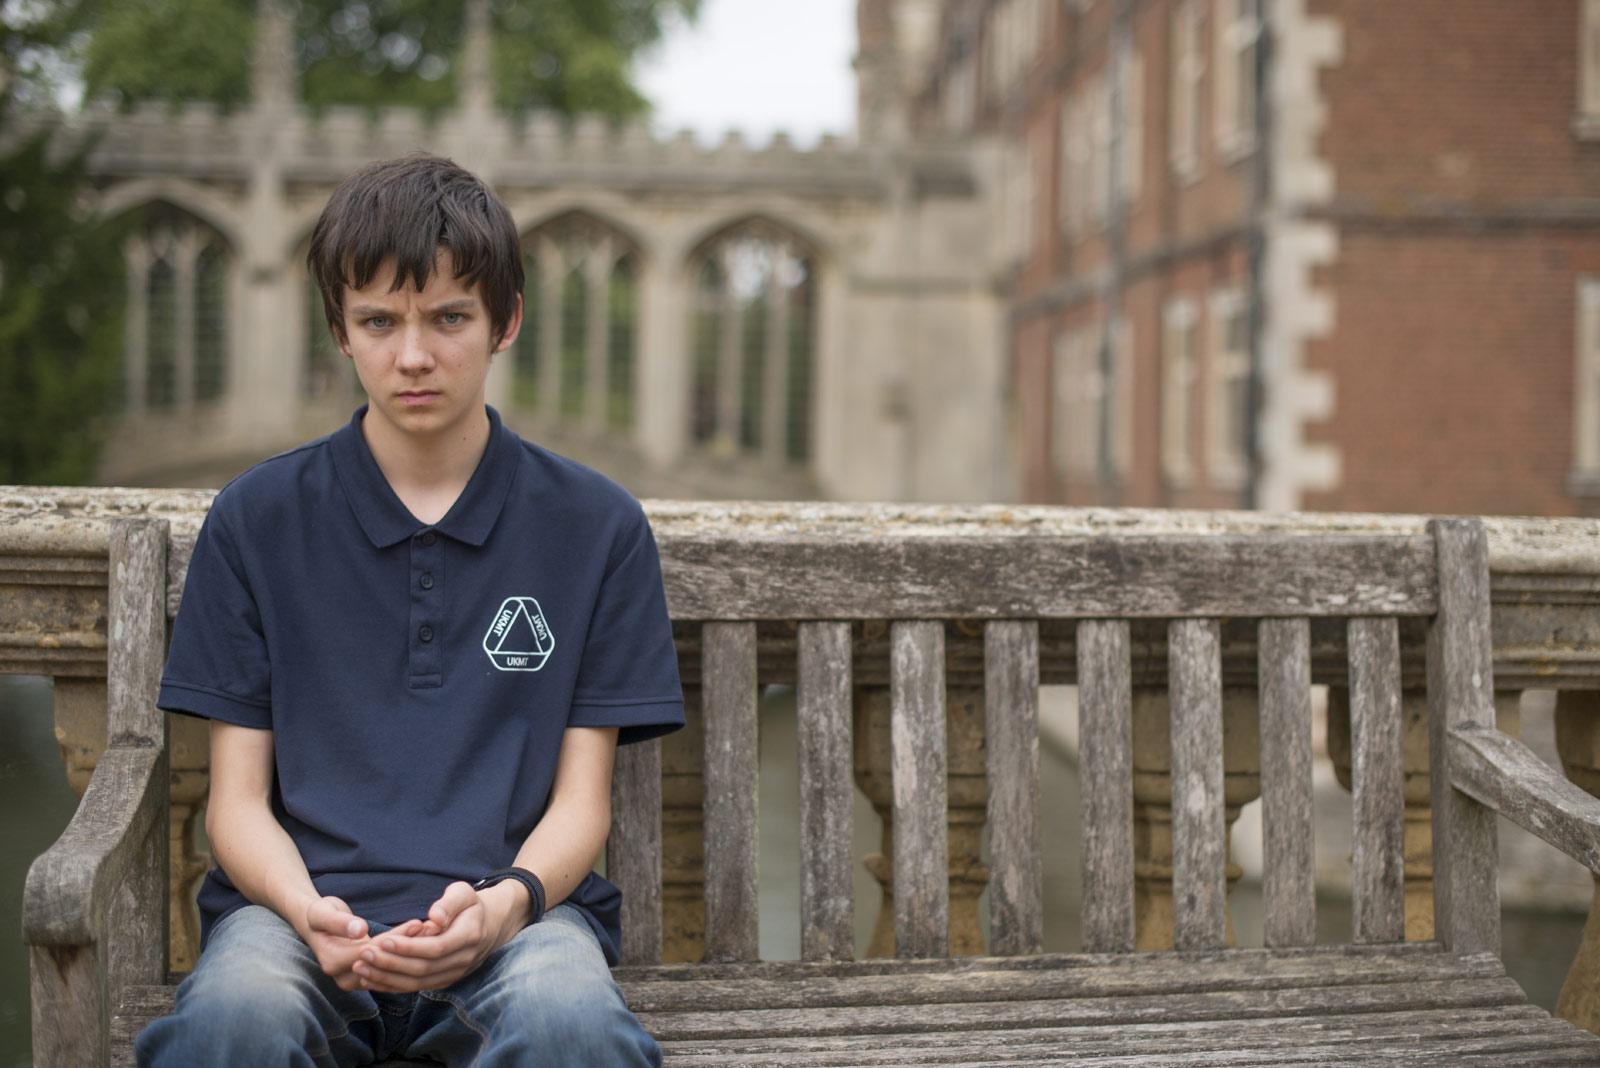 Мальчик в полосатой пижаме фильм  Википедия